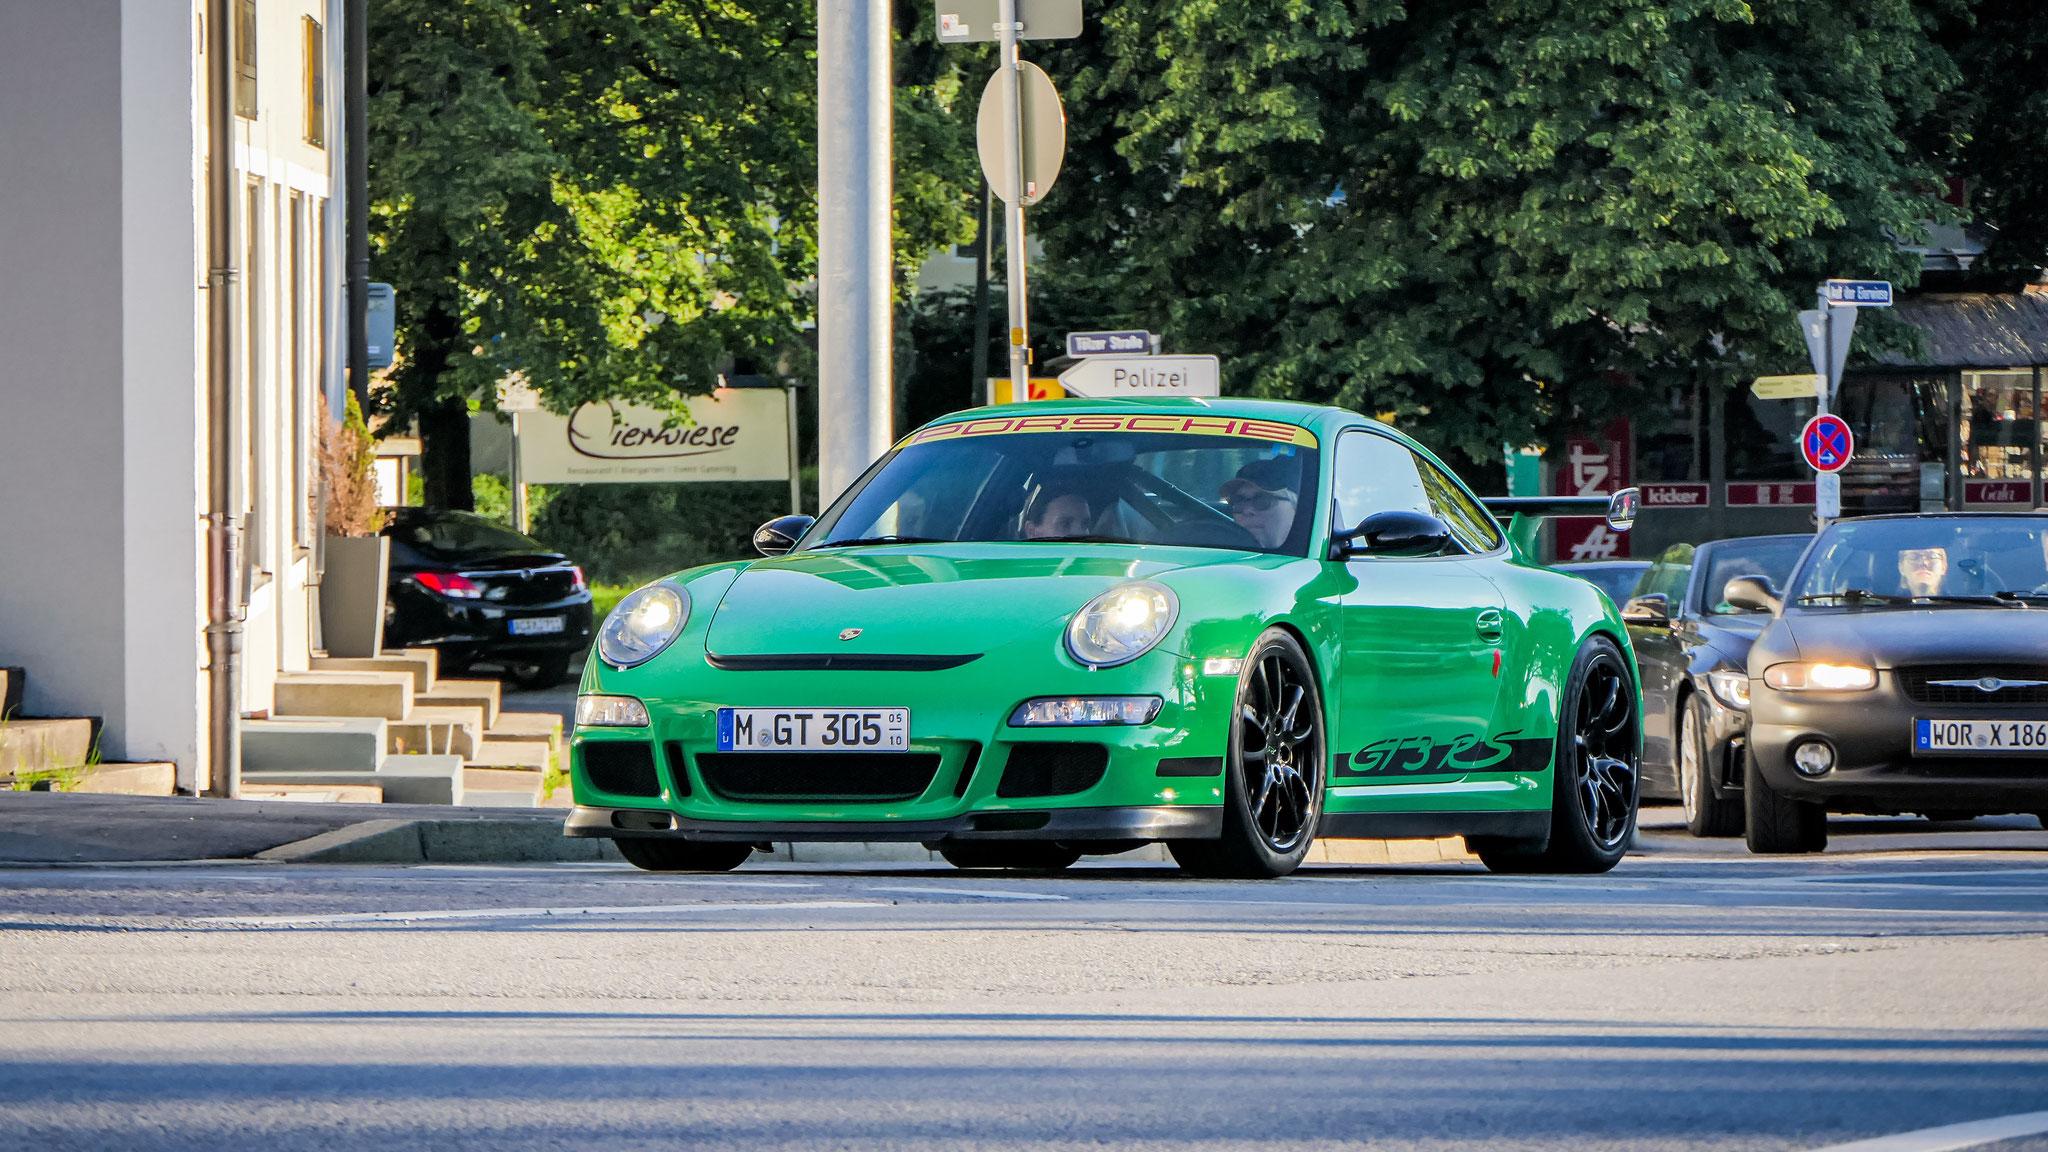 Porsche 911 GT3 RS - M-GT-305